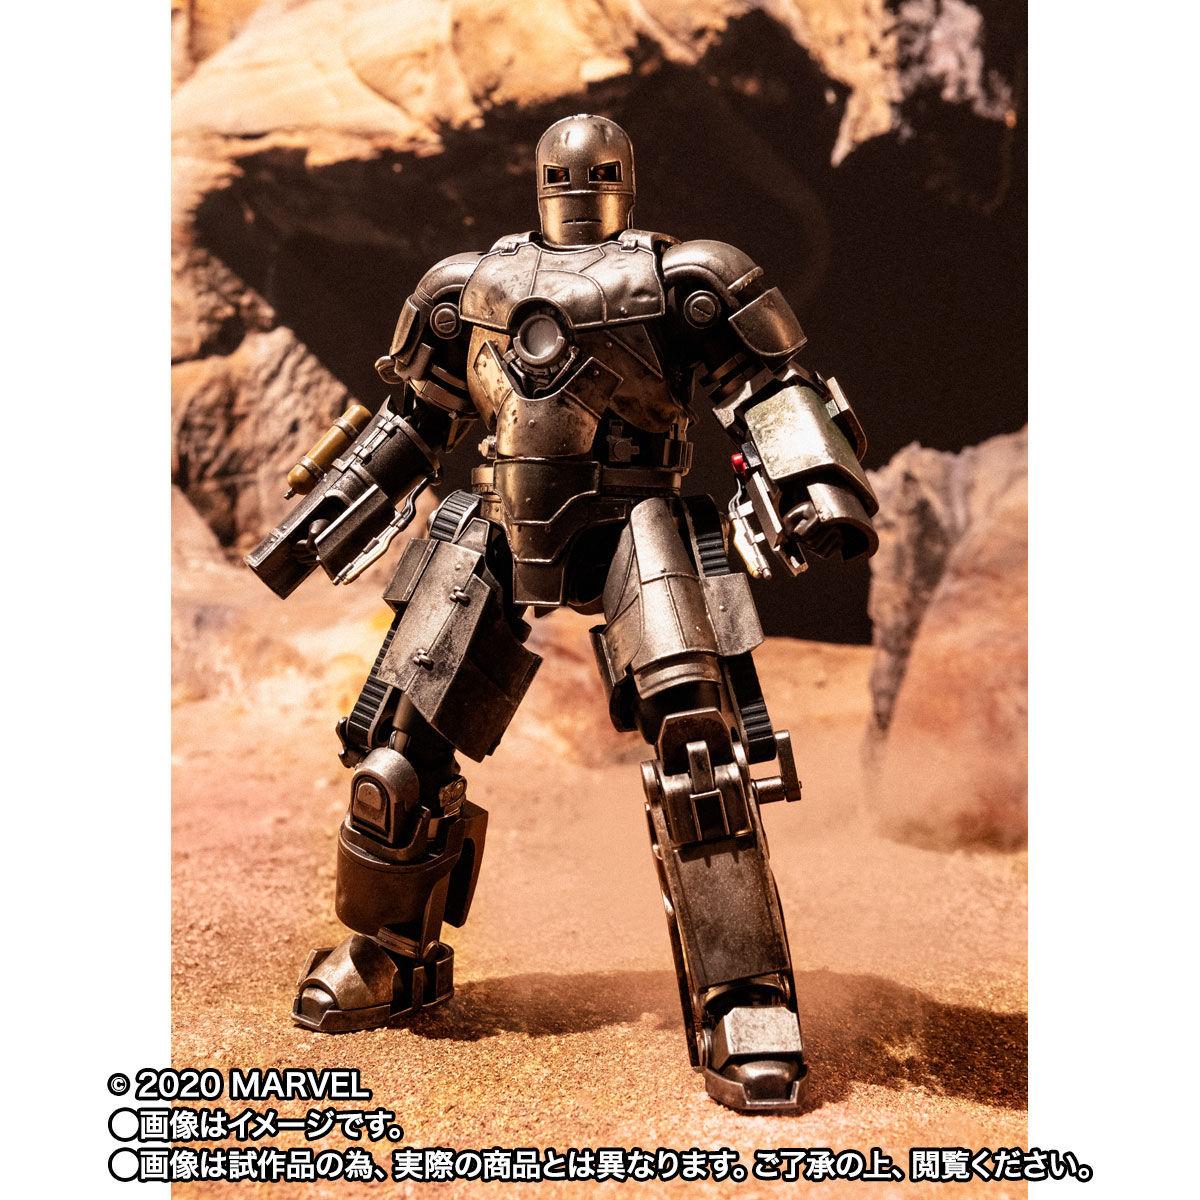 【限定販売】S.H.Figuarts『アイアンマン マーク1《Birth of Iron Man》EDITION』アイアンマン 可動フィギュア-008